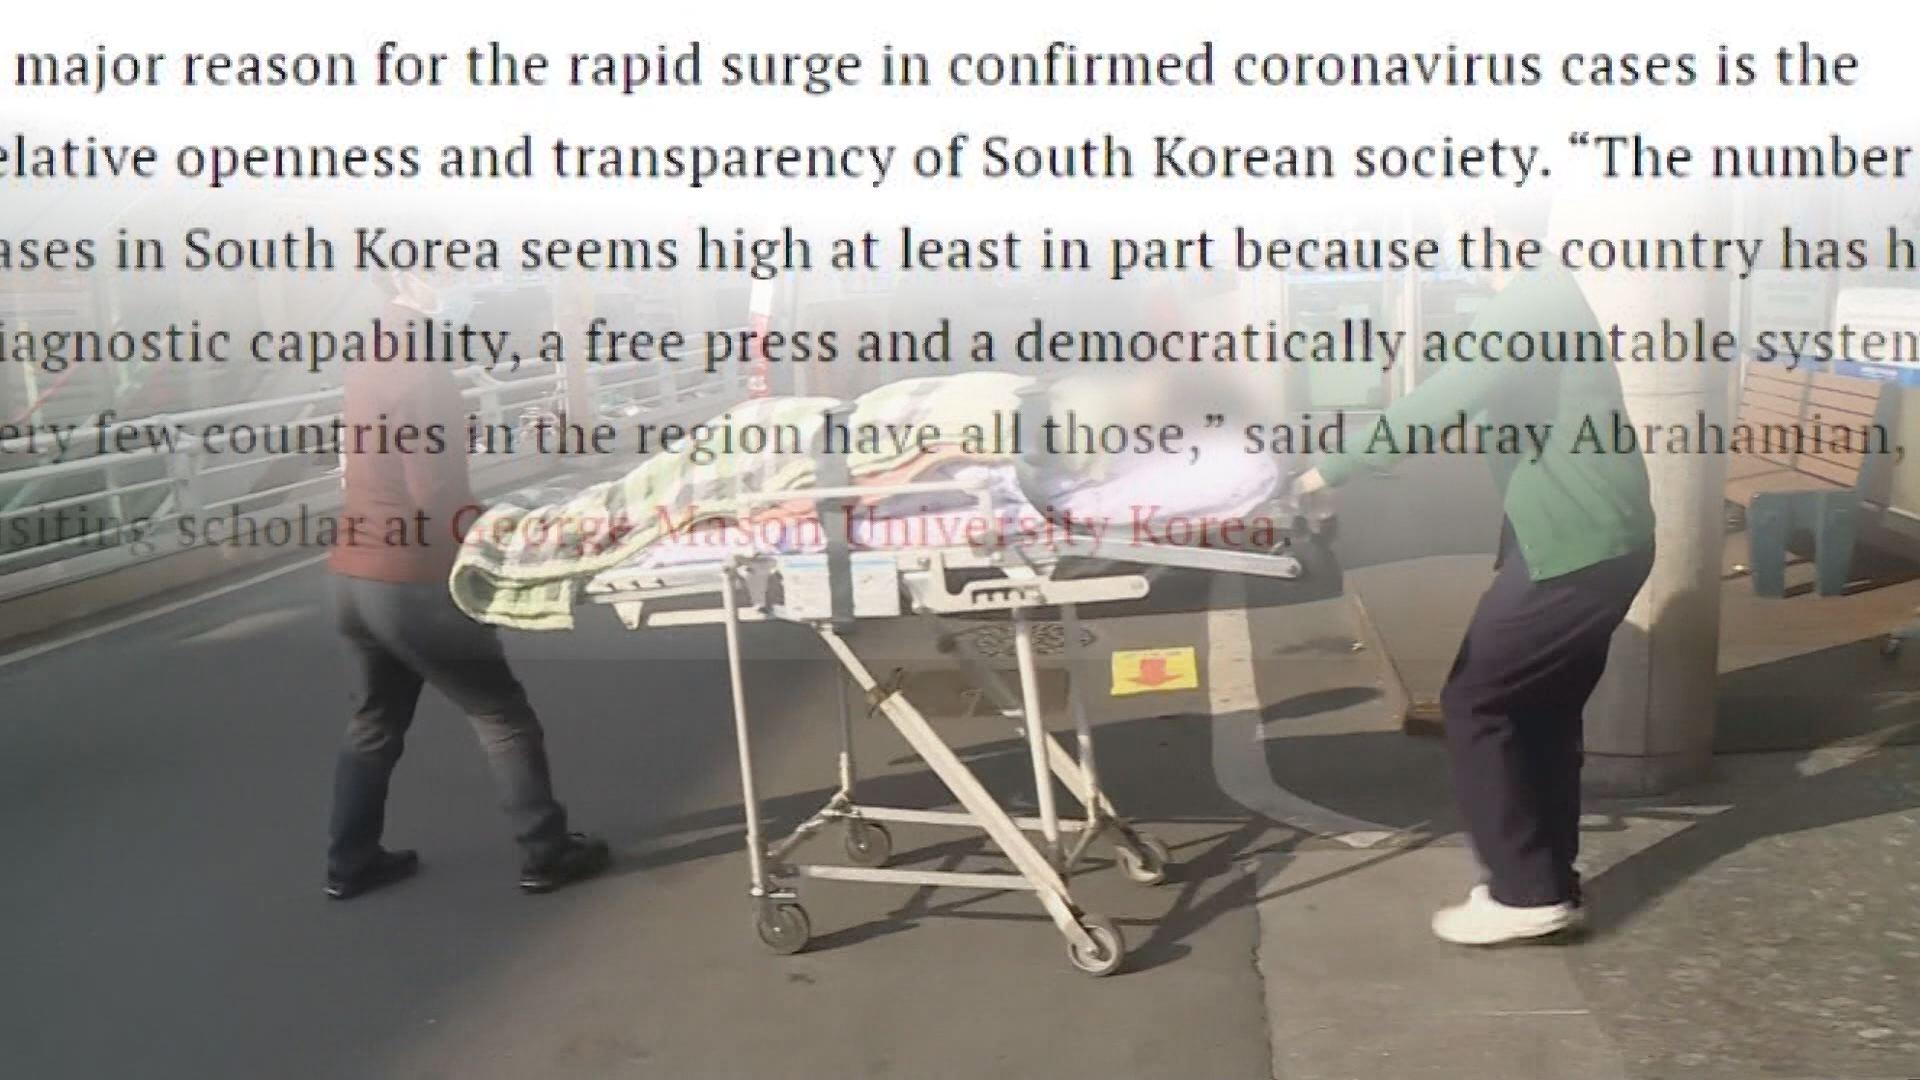 외신,한국 코로나19 확산세 주목,관련 보도 이어져